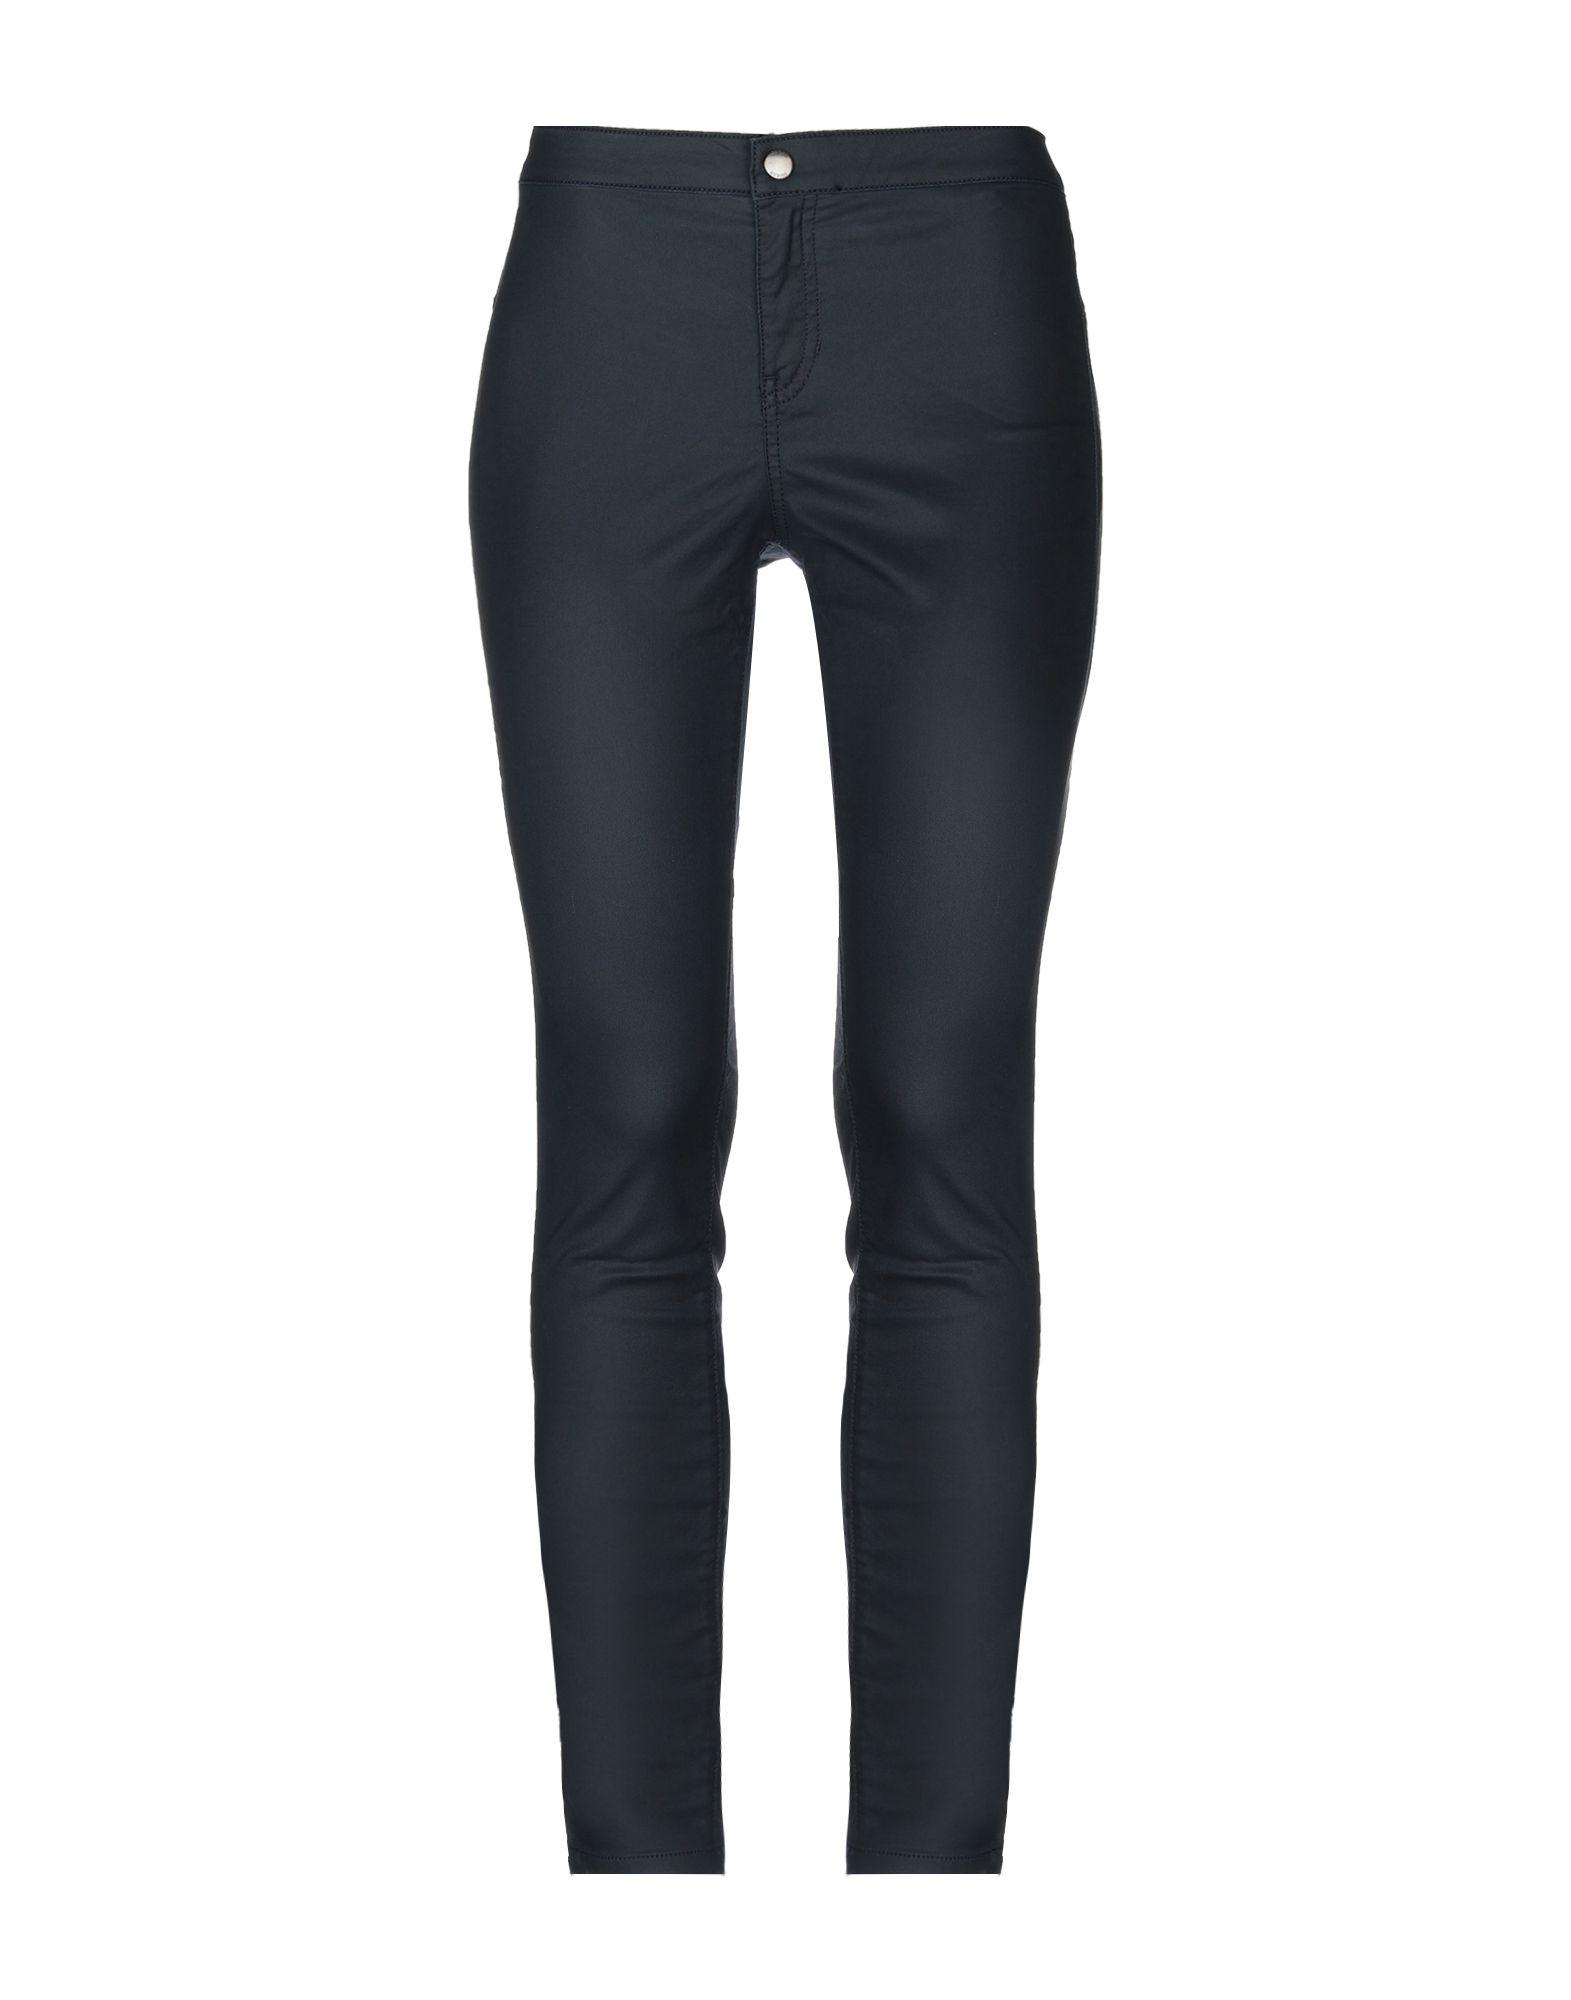 Pantalone Guess damen - 13273255XK